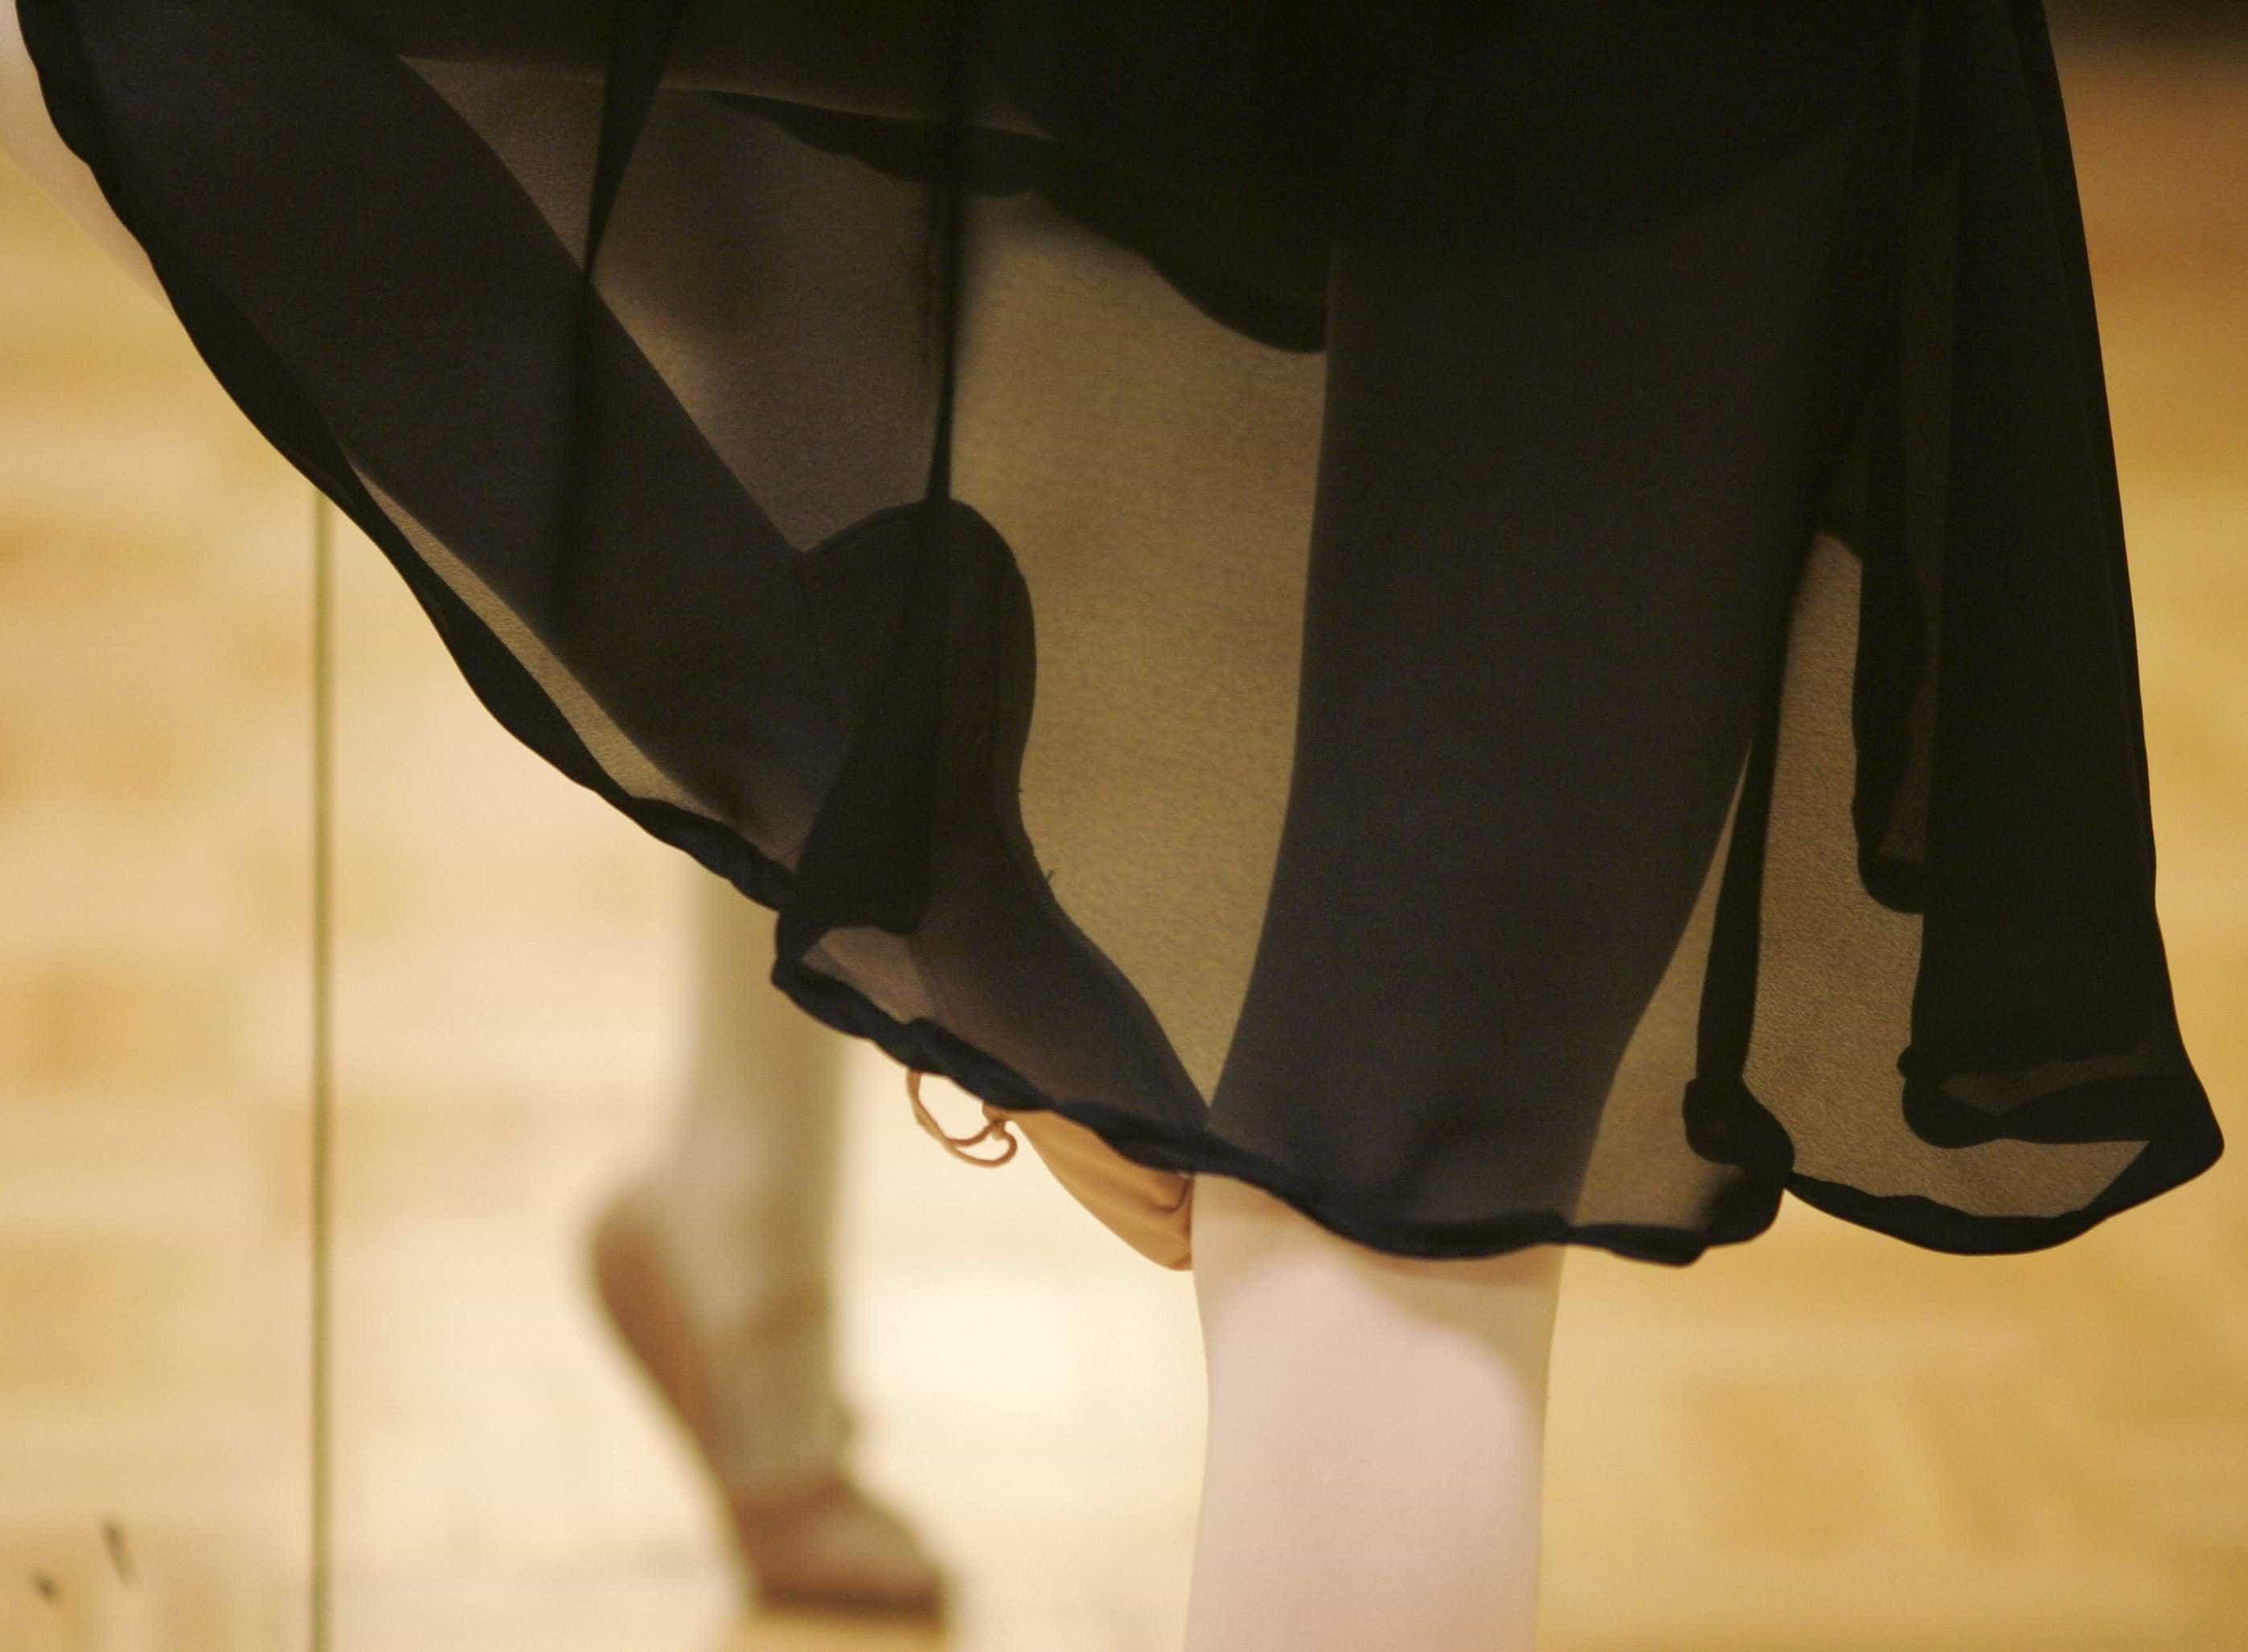 Francisco Camacho leva 'Danças Privadas' ao Egito e Líbano